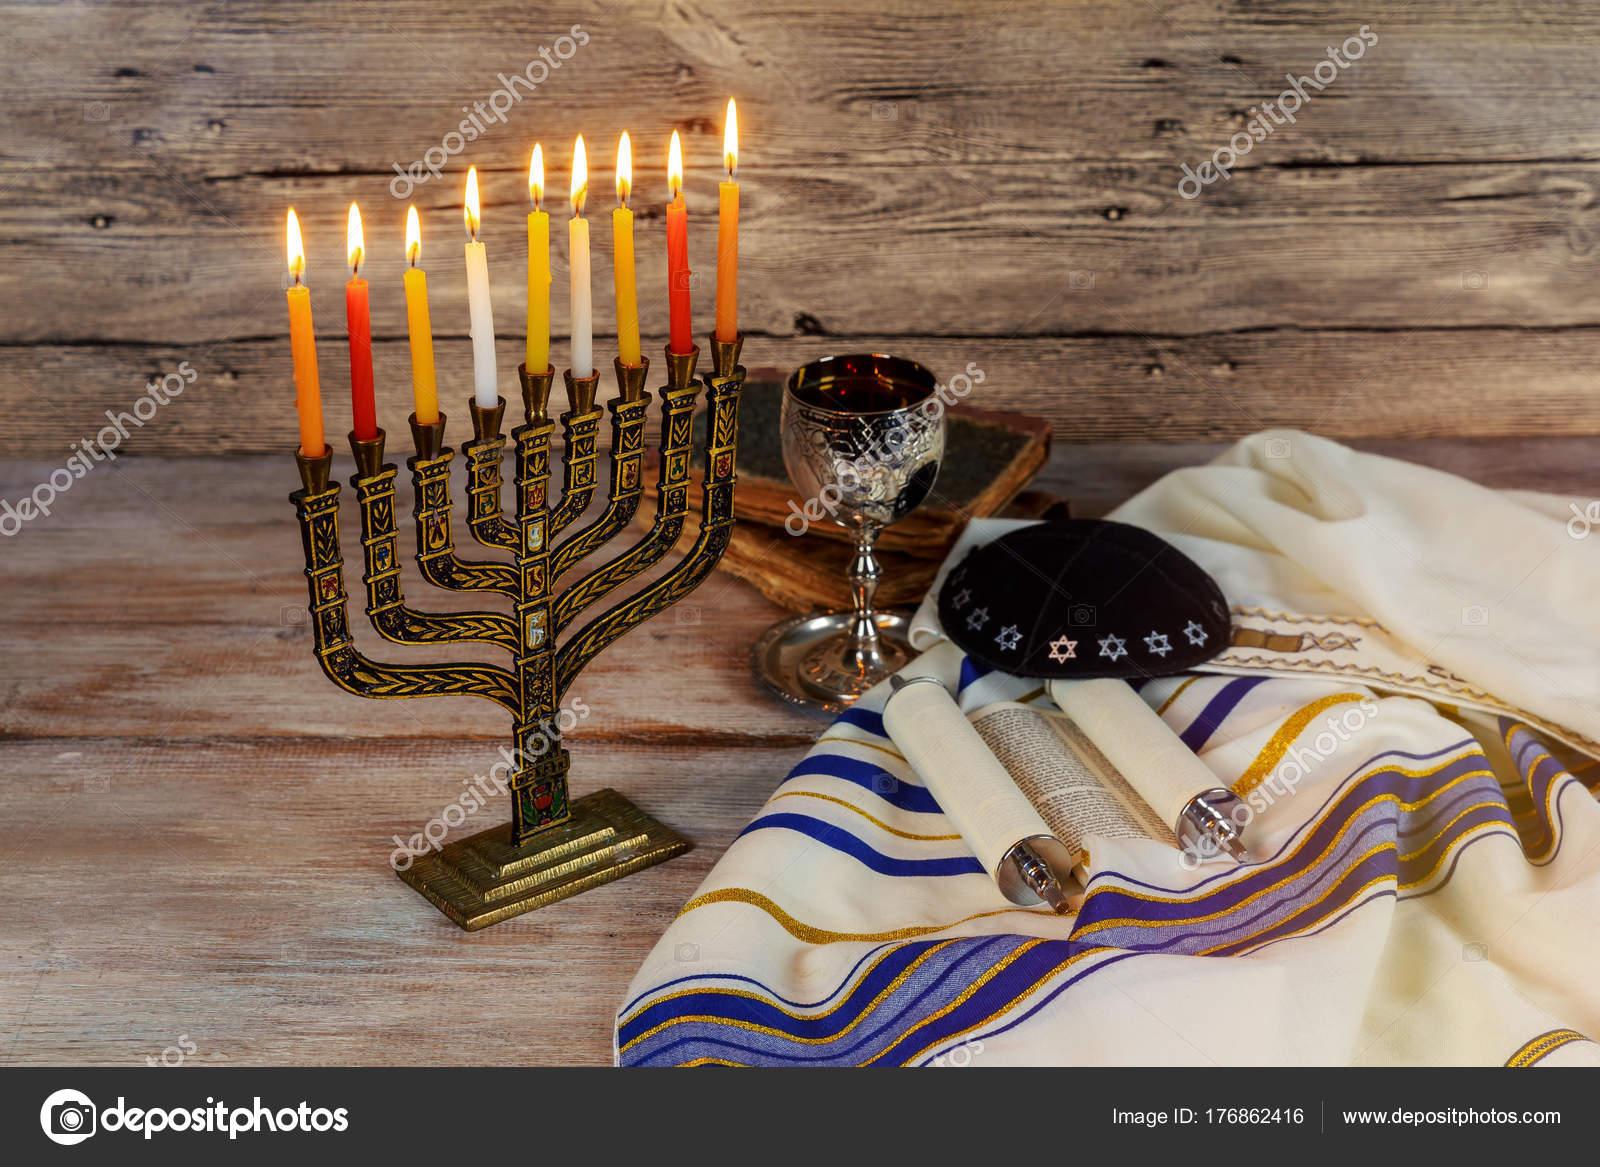 Jewish Holiday Hannukah Symbols Menorah Stock Photo Photovs